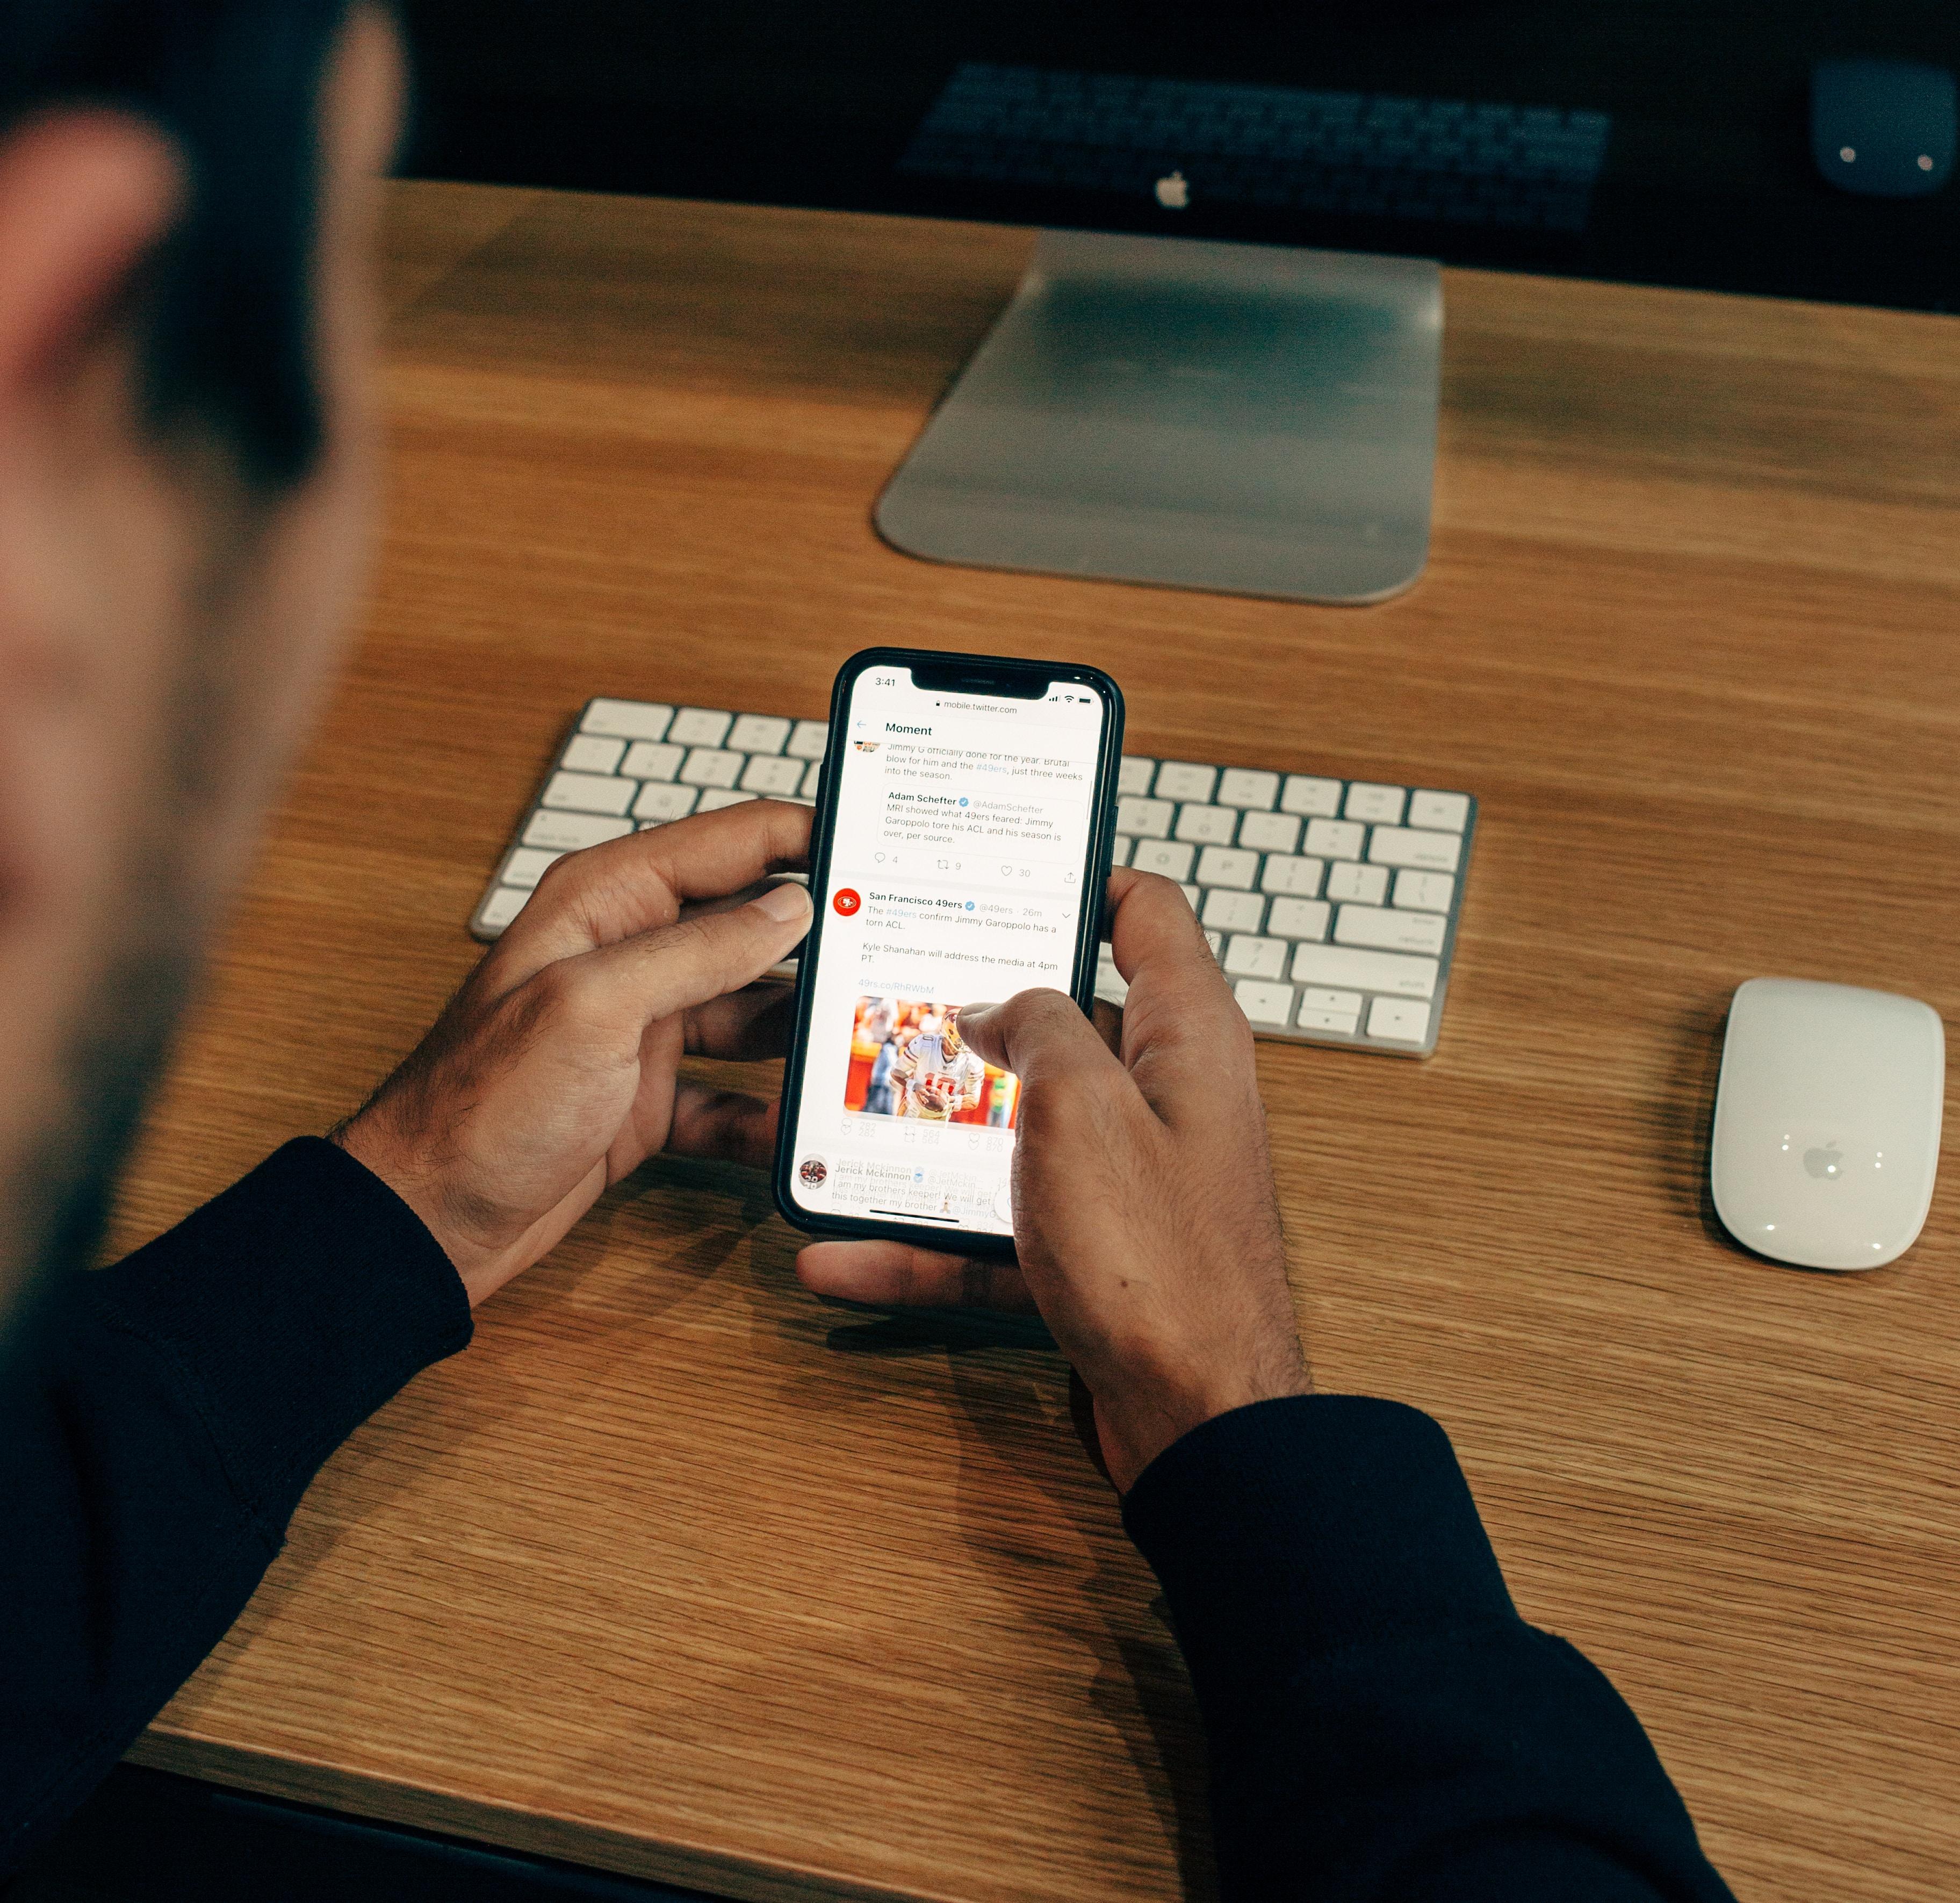 IOTransfer 3 - Aplicação para gerenciamento de fotos, vídeos e arquivos de iPhone e iPad